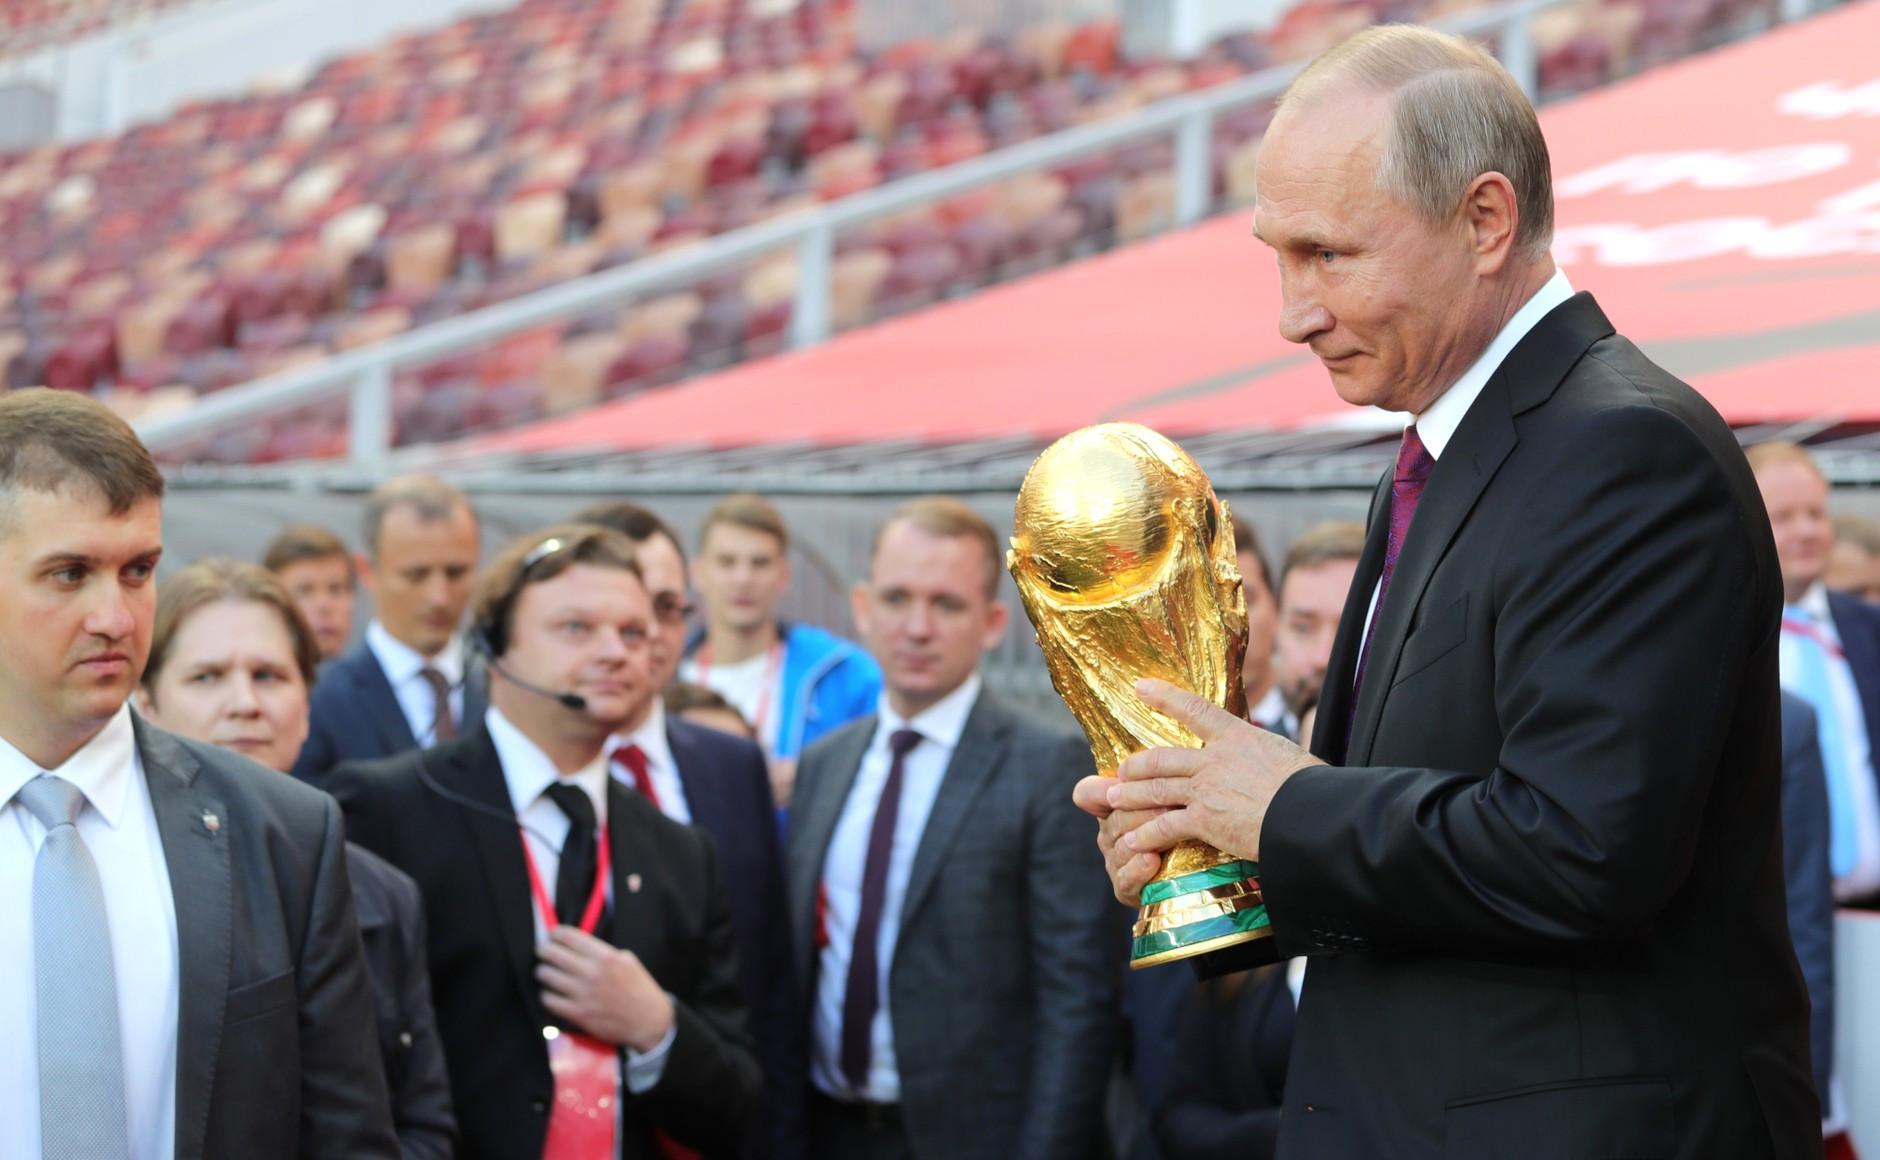 中国成世界杯最大金主:总赞助高达53亿!俄罗斯经济将趁势逆袭!